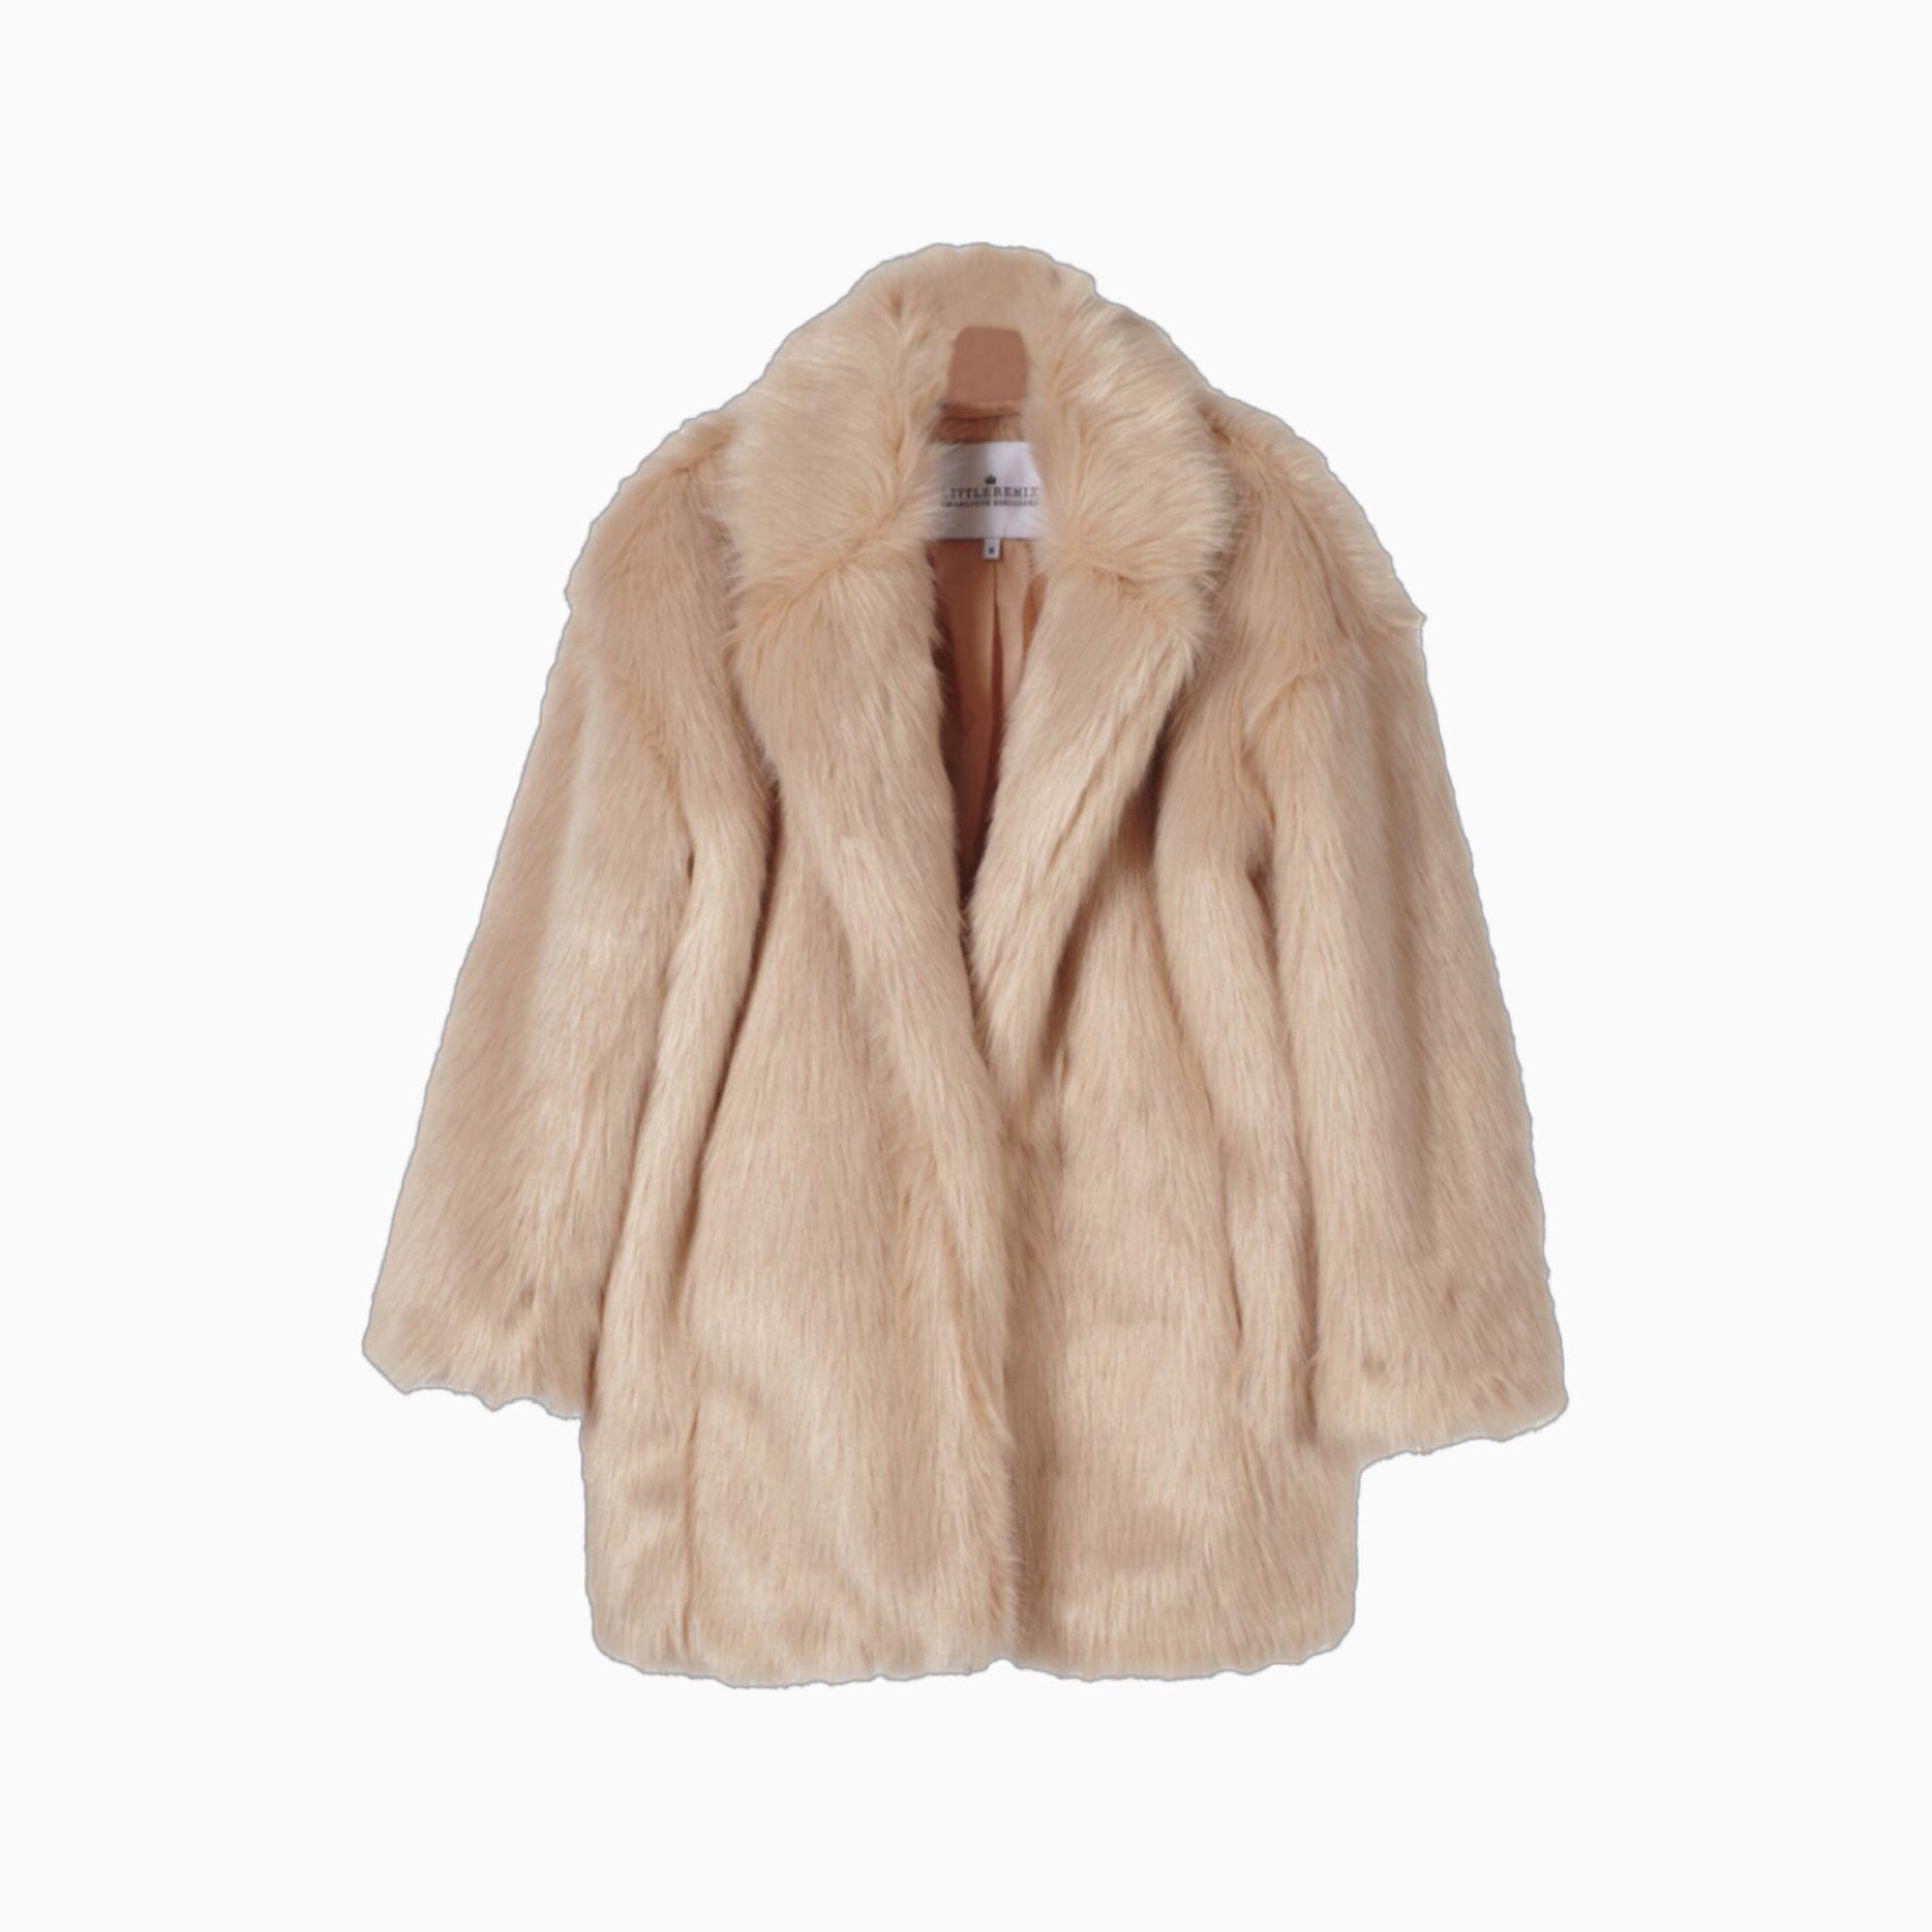 Fur Coat Png Cloudyy Png Insta